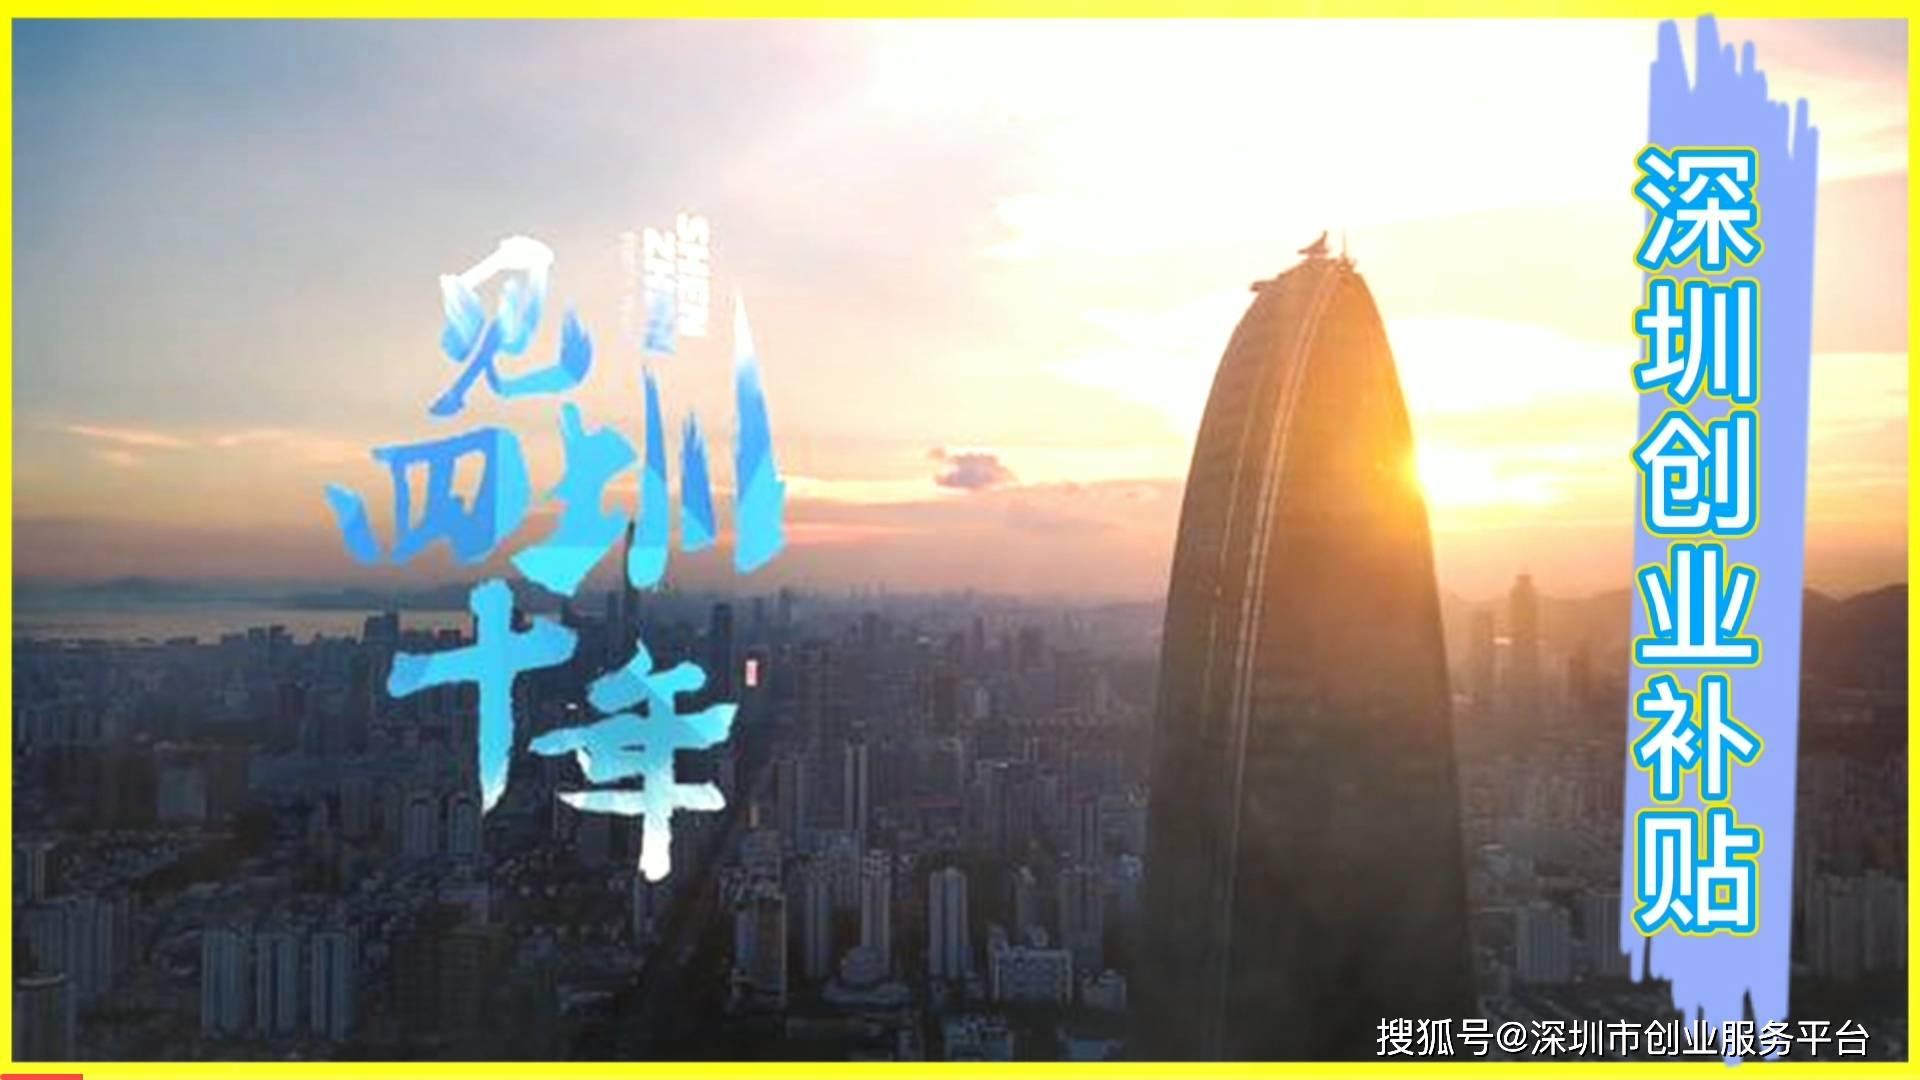 台湾宾果28- 深圳适岗培训补助申请需要满足什么条件?(图1)